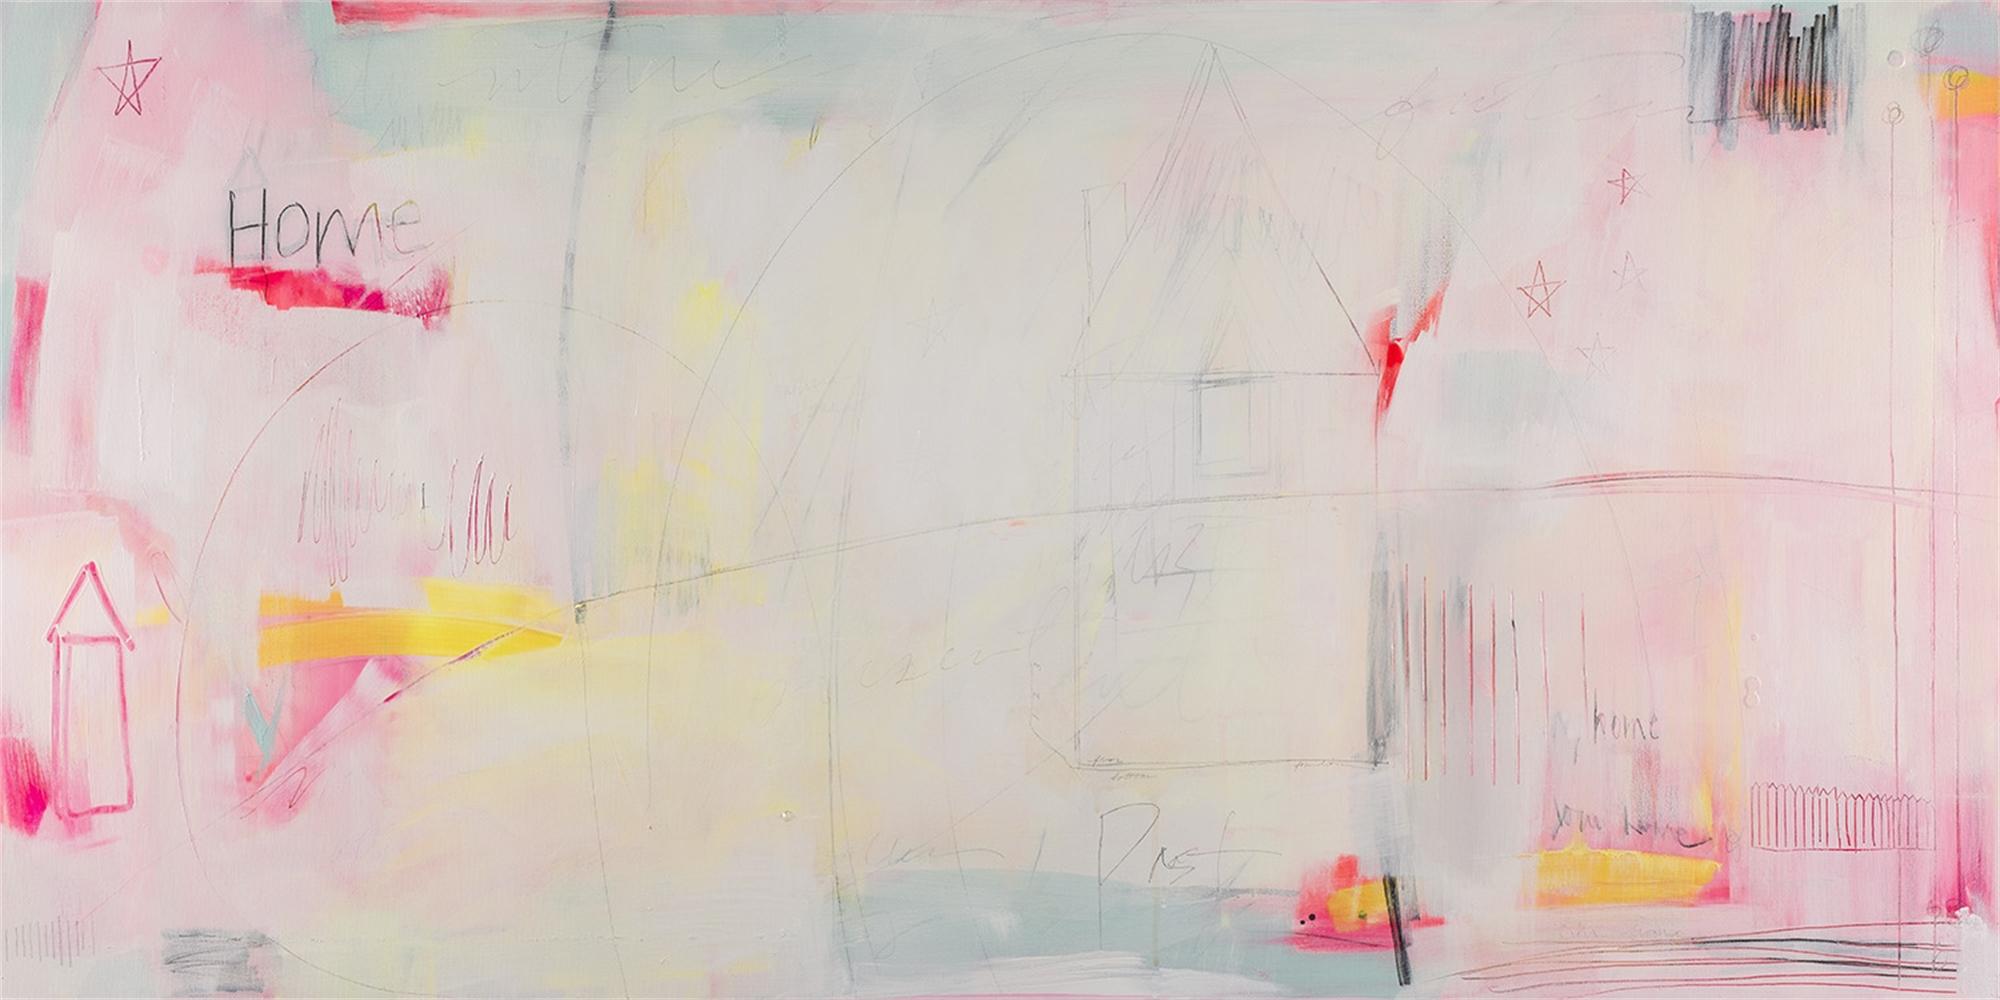 home by Leslie Gaworecki